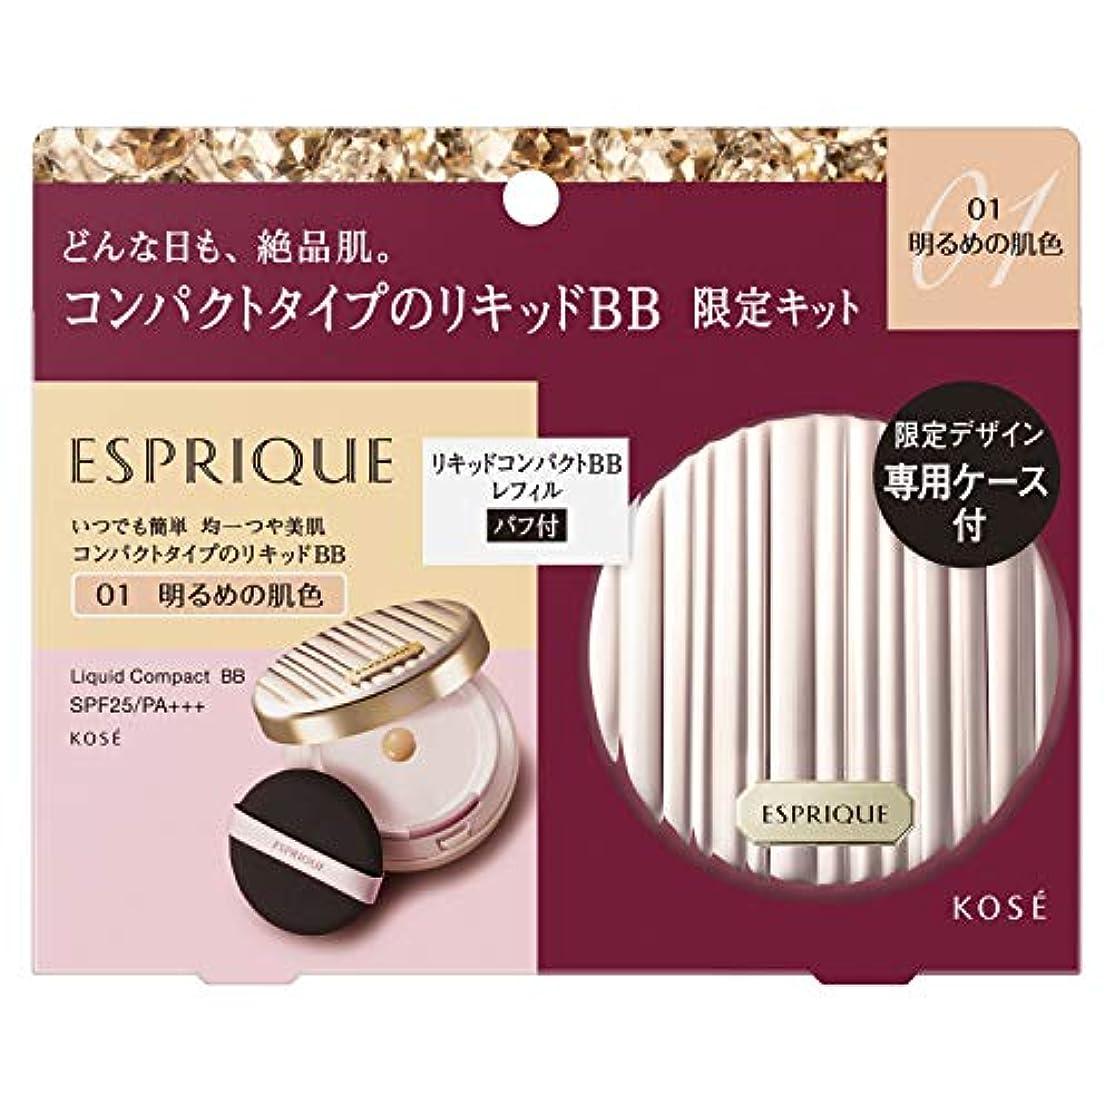 拍手する支援責任ESPRIQUE(エスプリーク) エスプリーク リキッド コンパクト BB 限定キット 2 BBクリーム 01 明るめの肌色 セット 13g+ケース付き